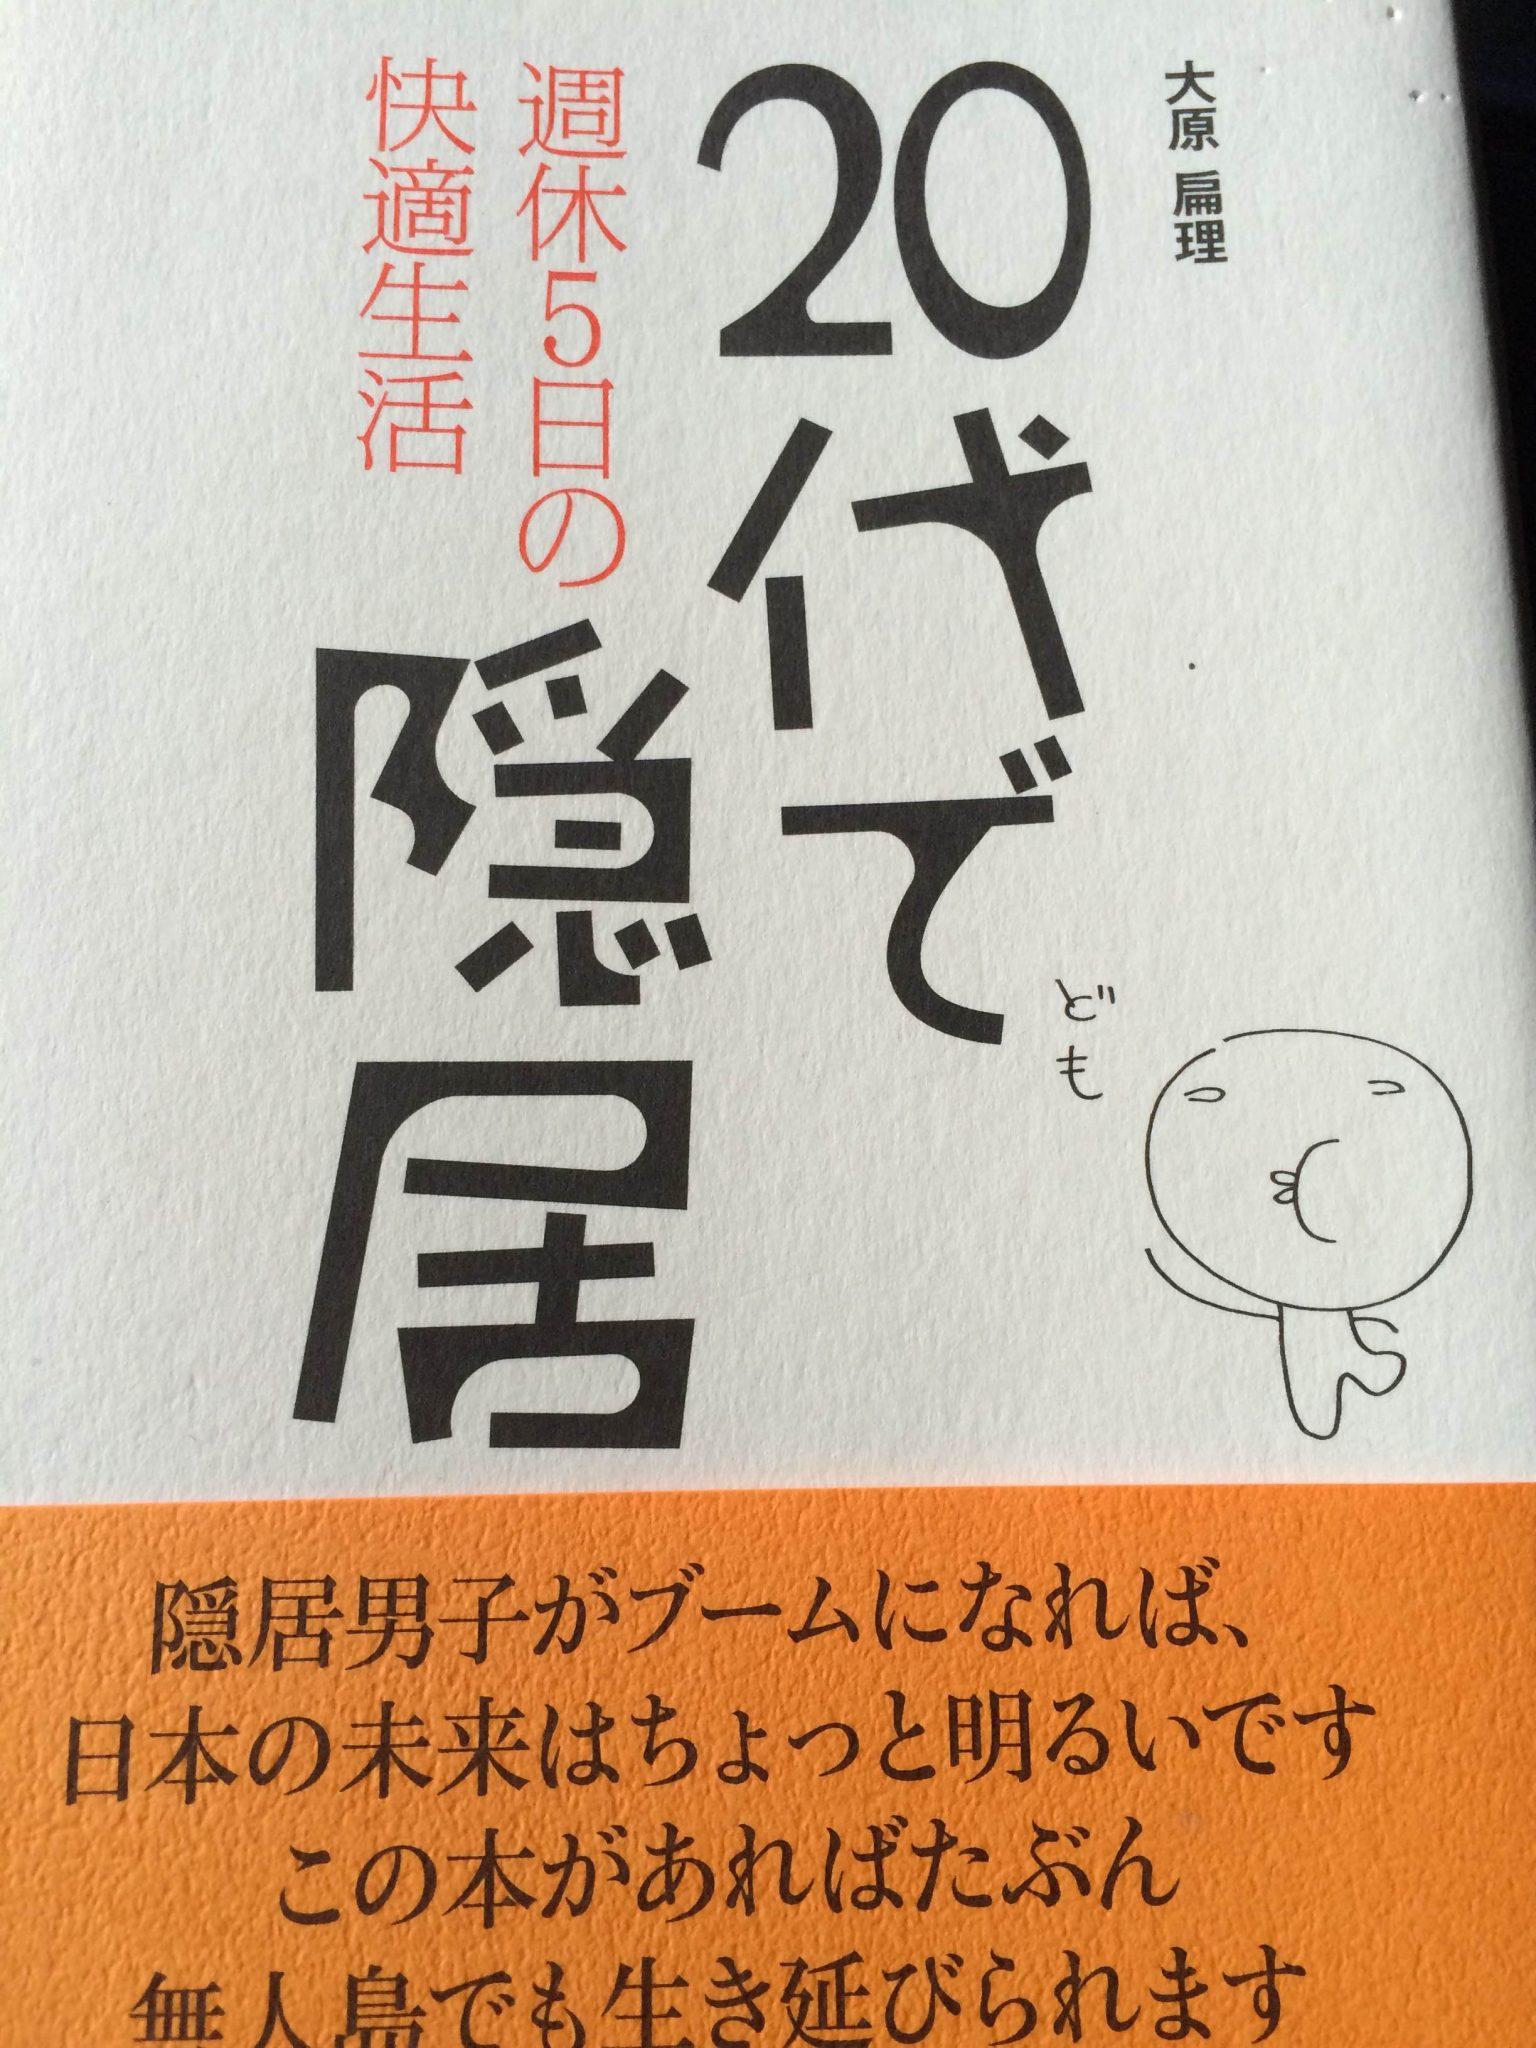 「20代で隠居週休5日の快適生活」を読んでみた。